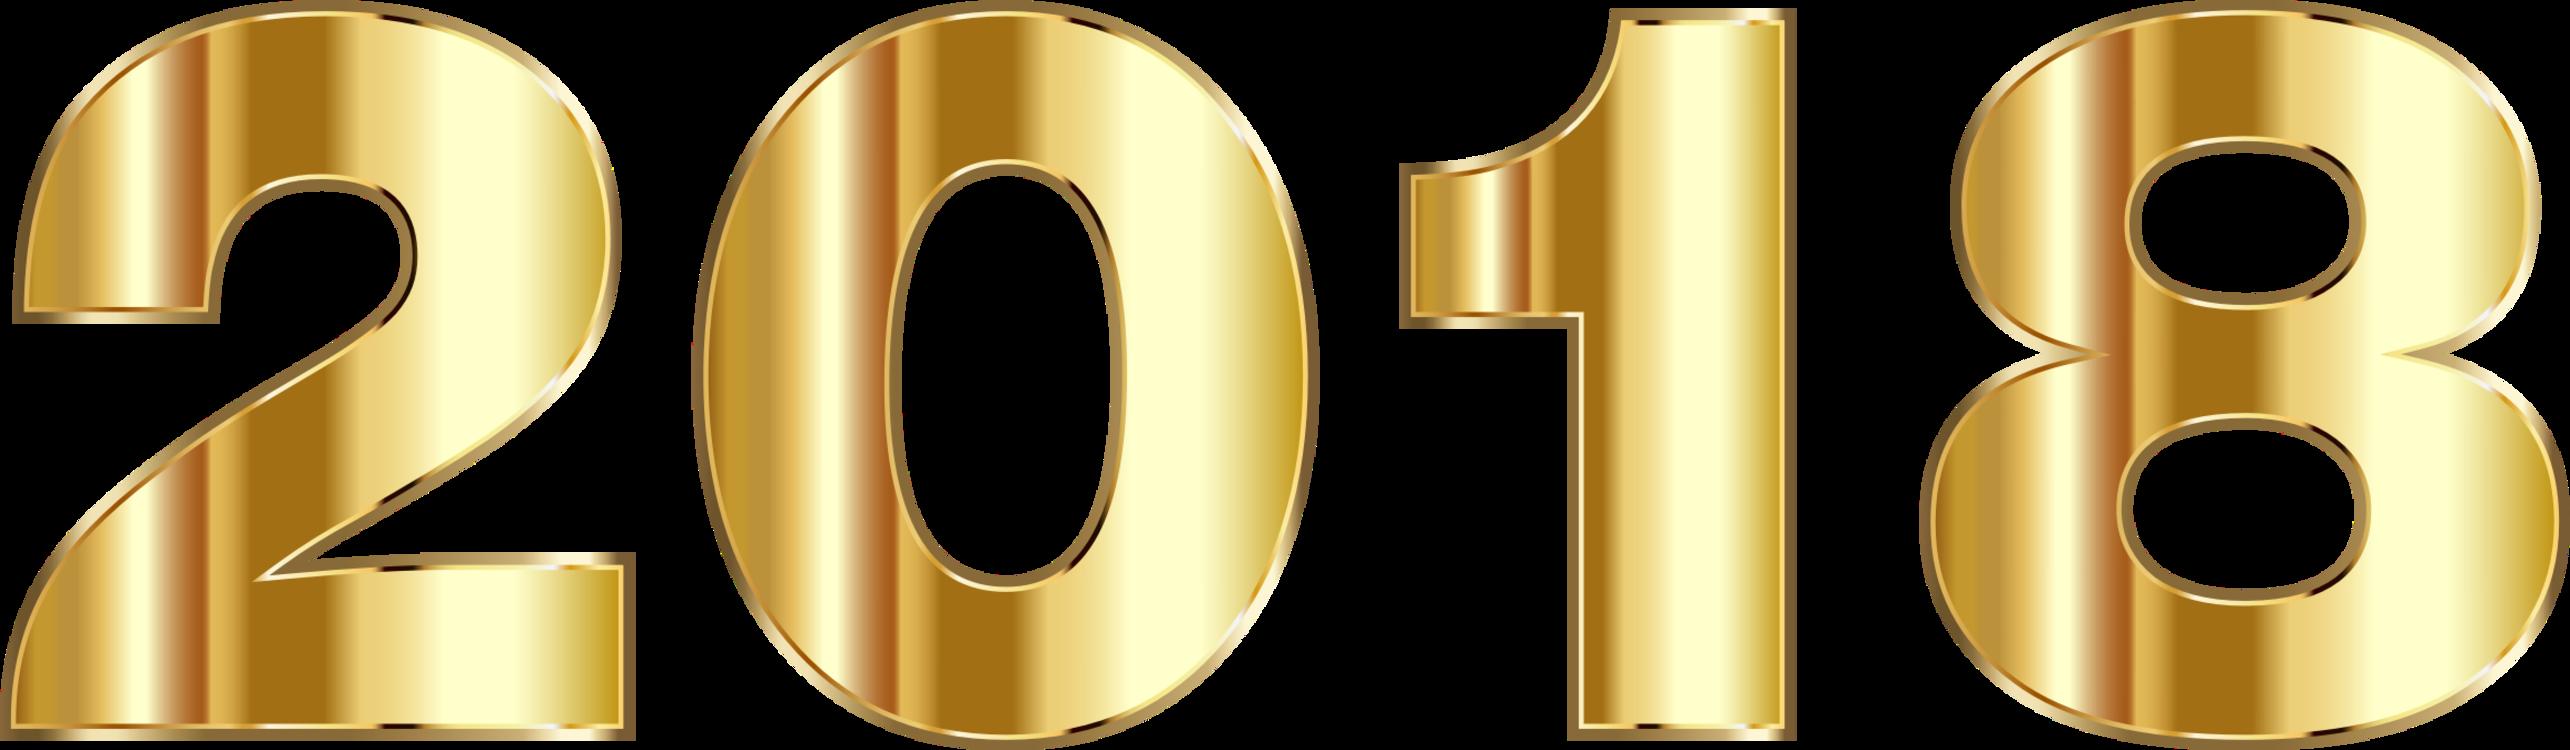 Gold,Text,Symbol PNG Clipart.